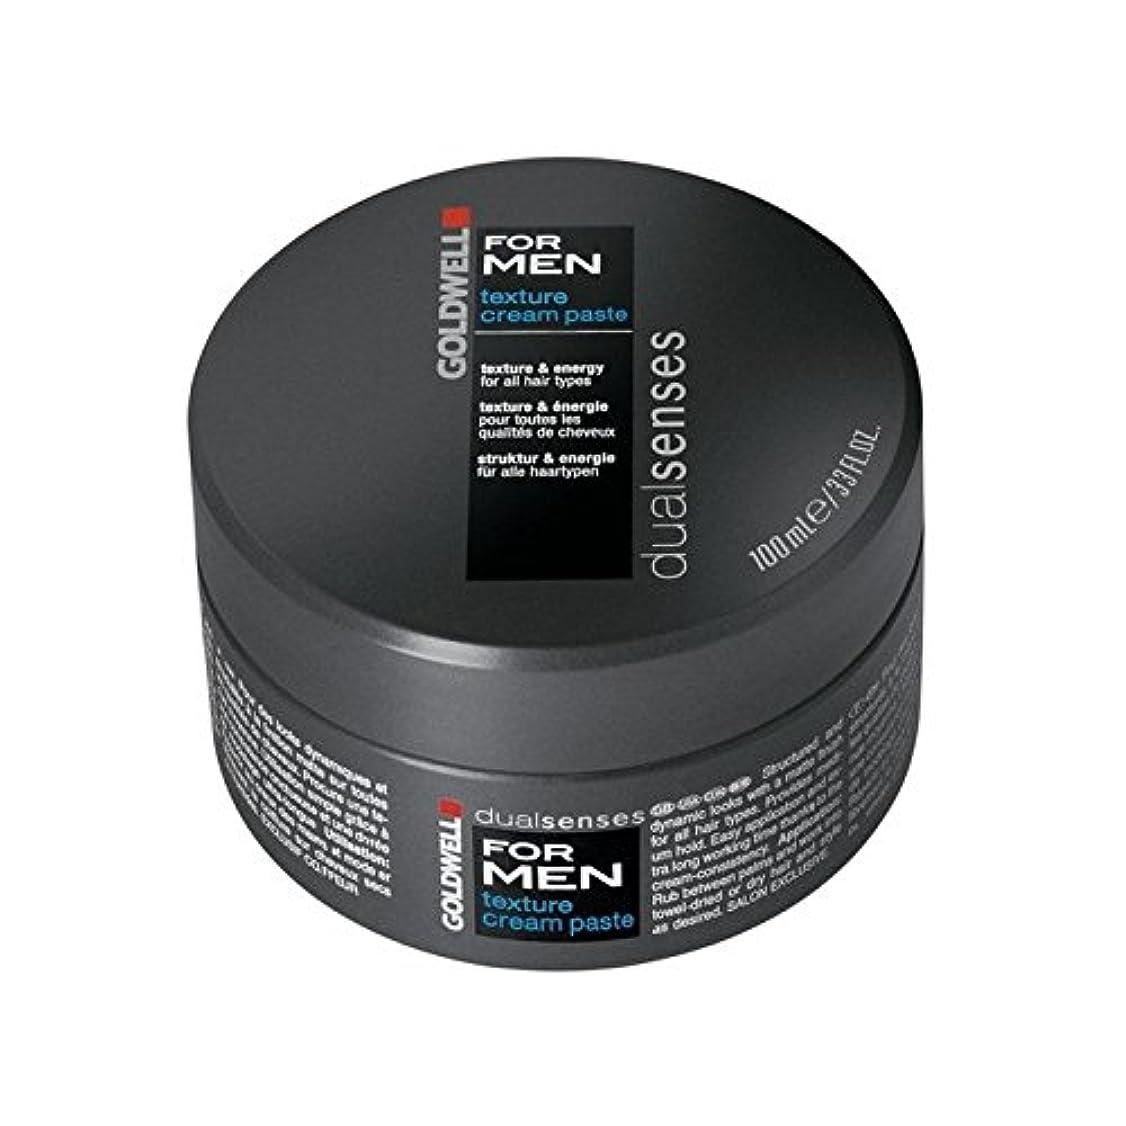 偶然のタイヤ杖Goldwell Dualsenses For Men Texture Cream Paste (100ml) - 男性のテクスチャーのクリームペースト(100ミリリットル)のためのの [並行輸入品]